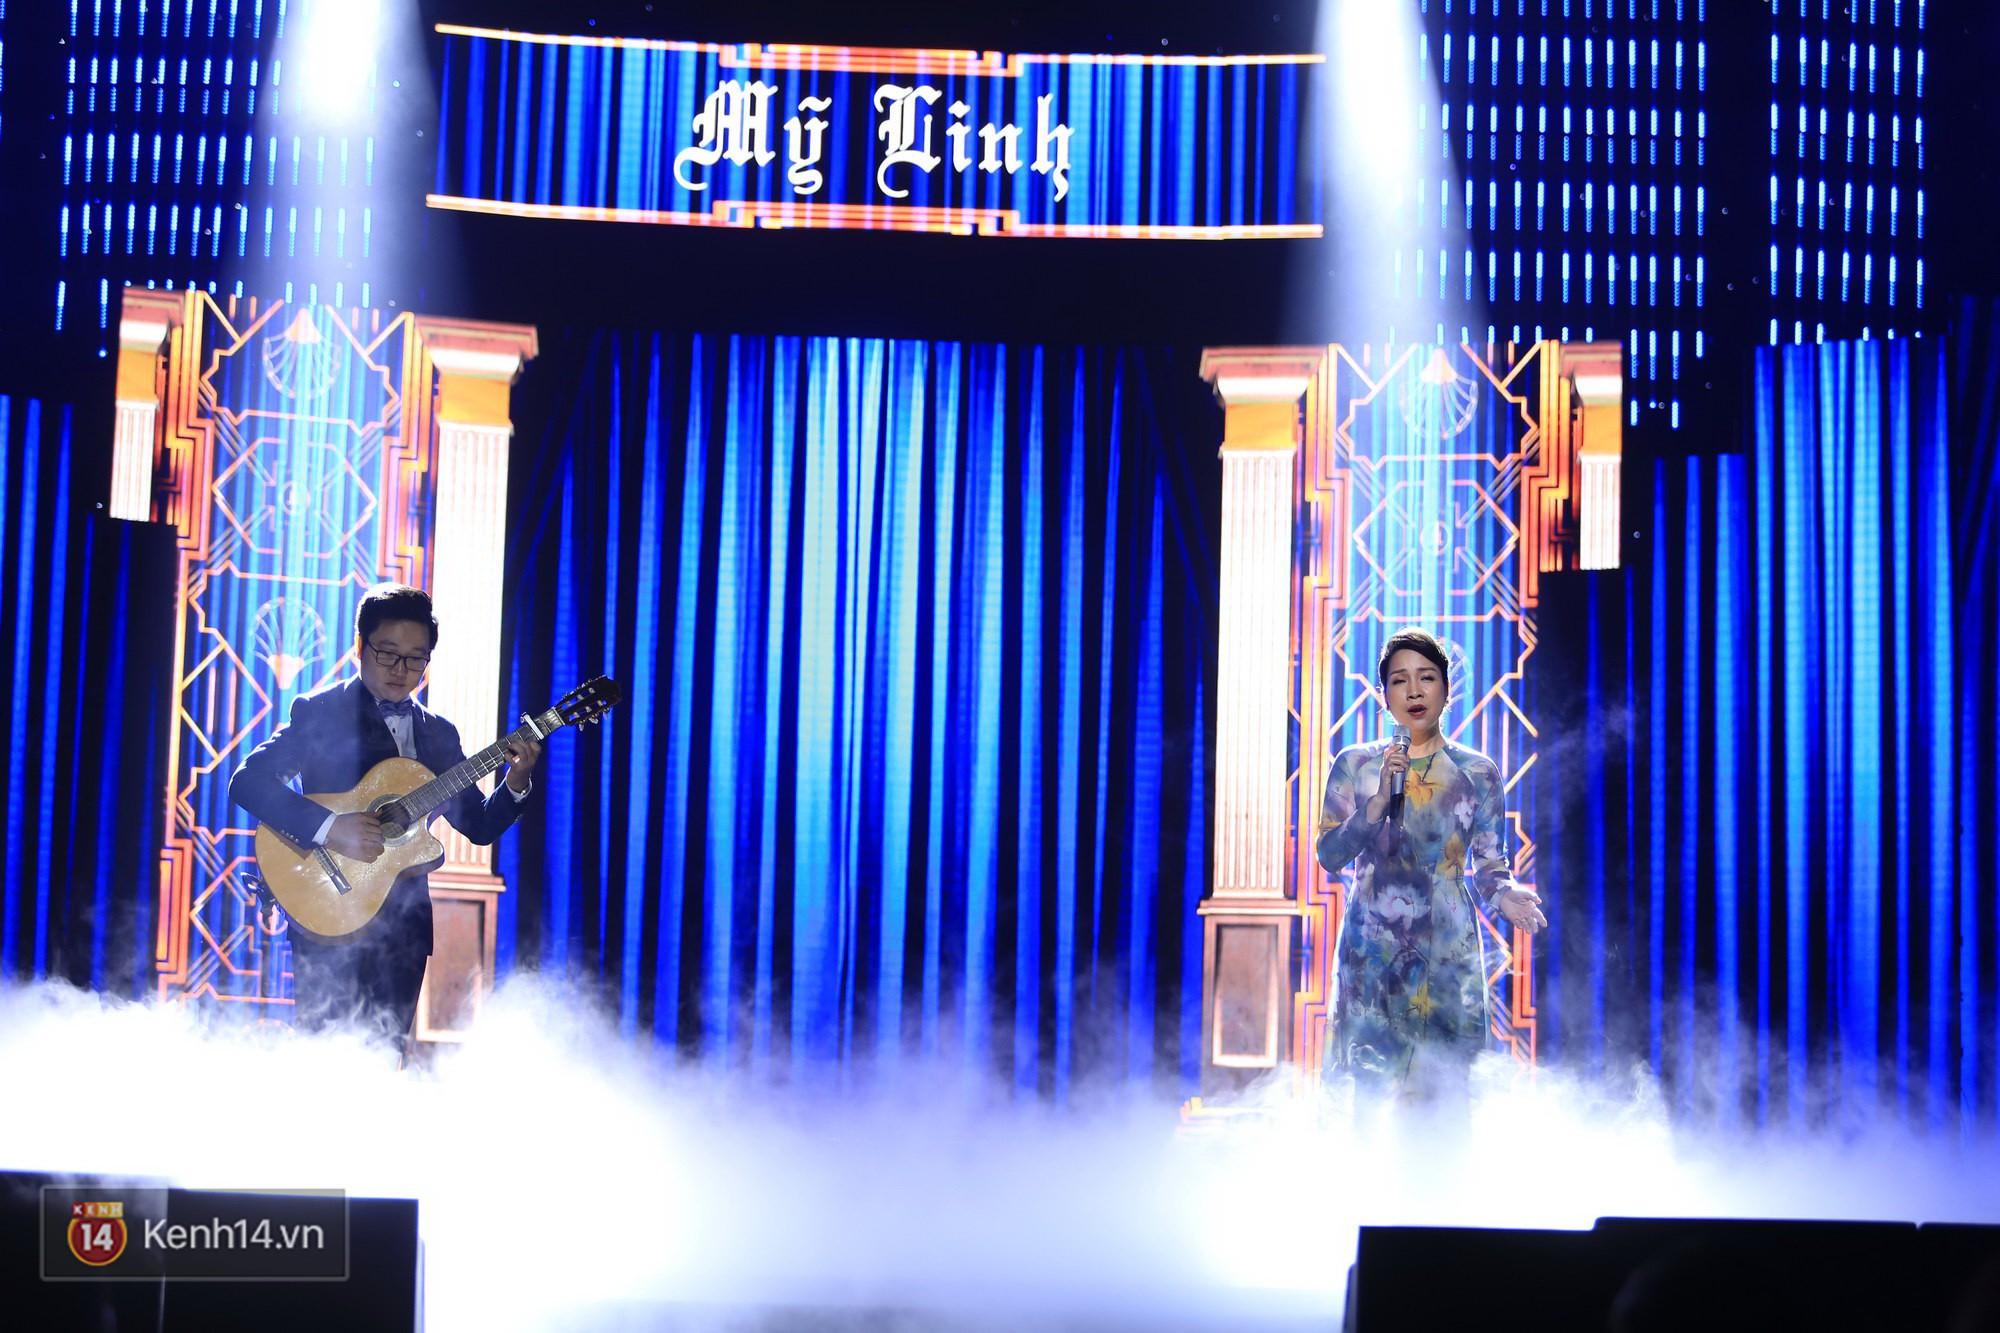 Clip: Đông Nhi và hiện tượng âm nhạc thế giới Bút dứa - Táo bút đốt cháy sân khấu bằng loạt hit đình đám - Ảnh 12.